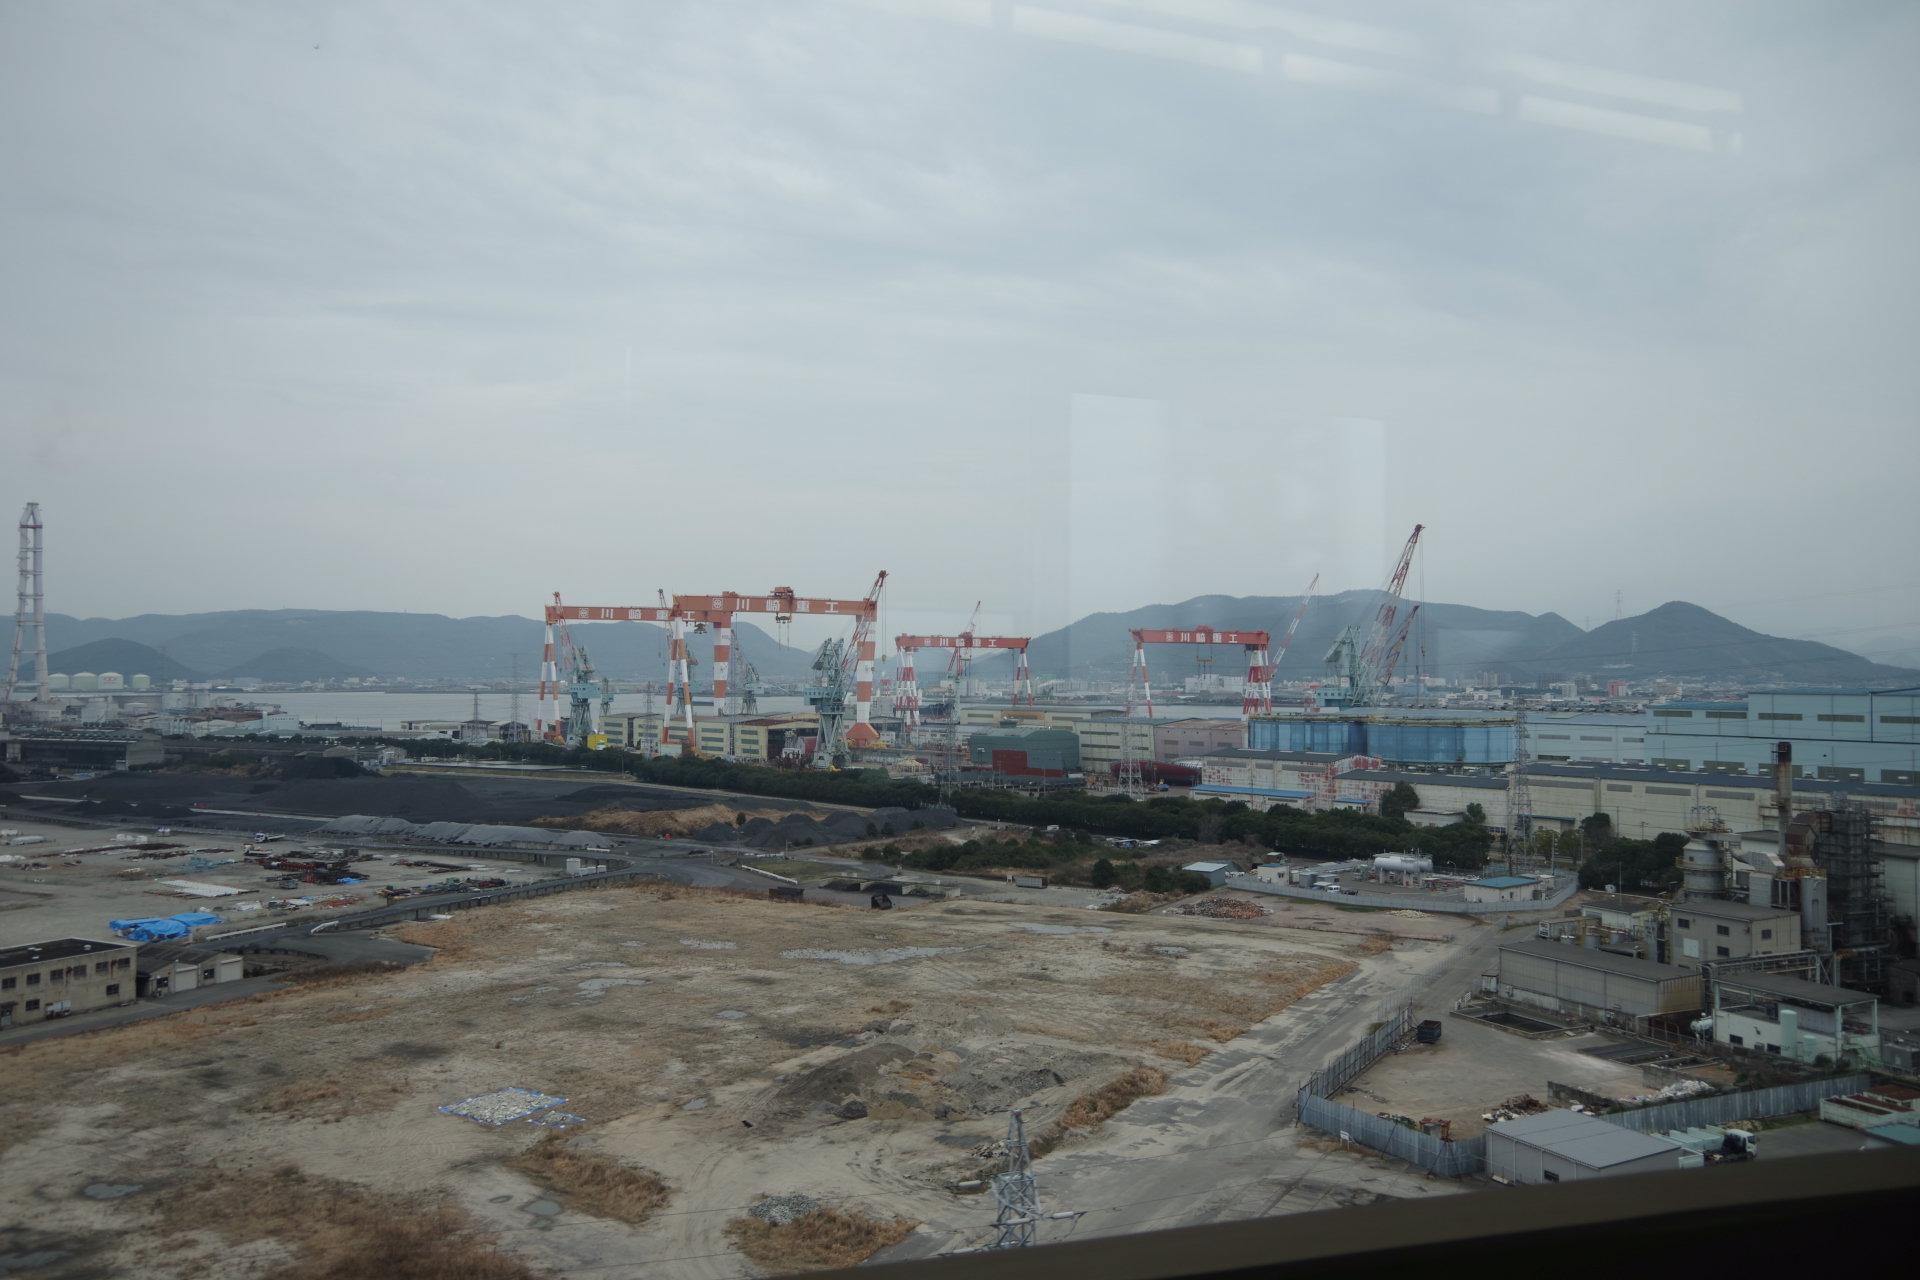 川崎重工の造船所